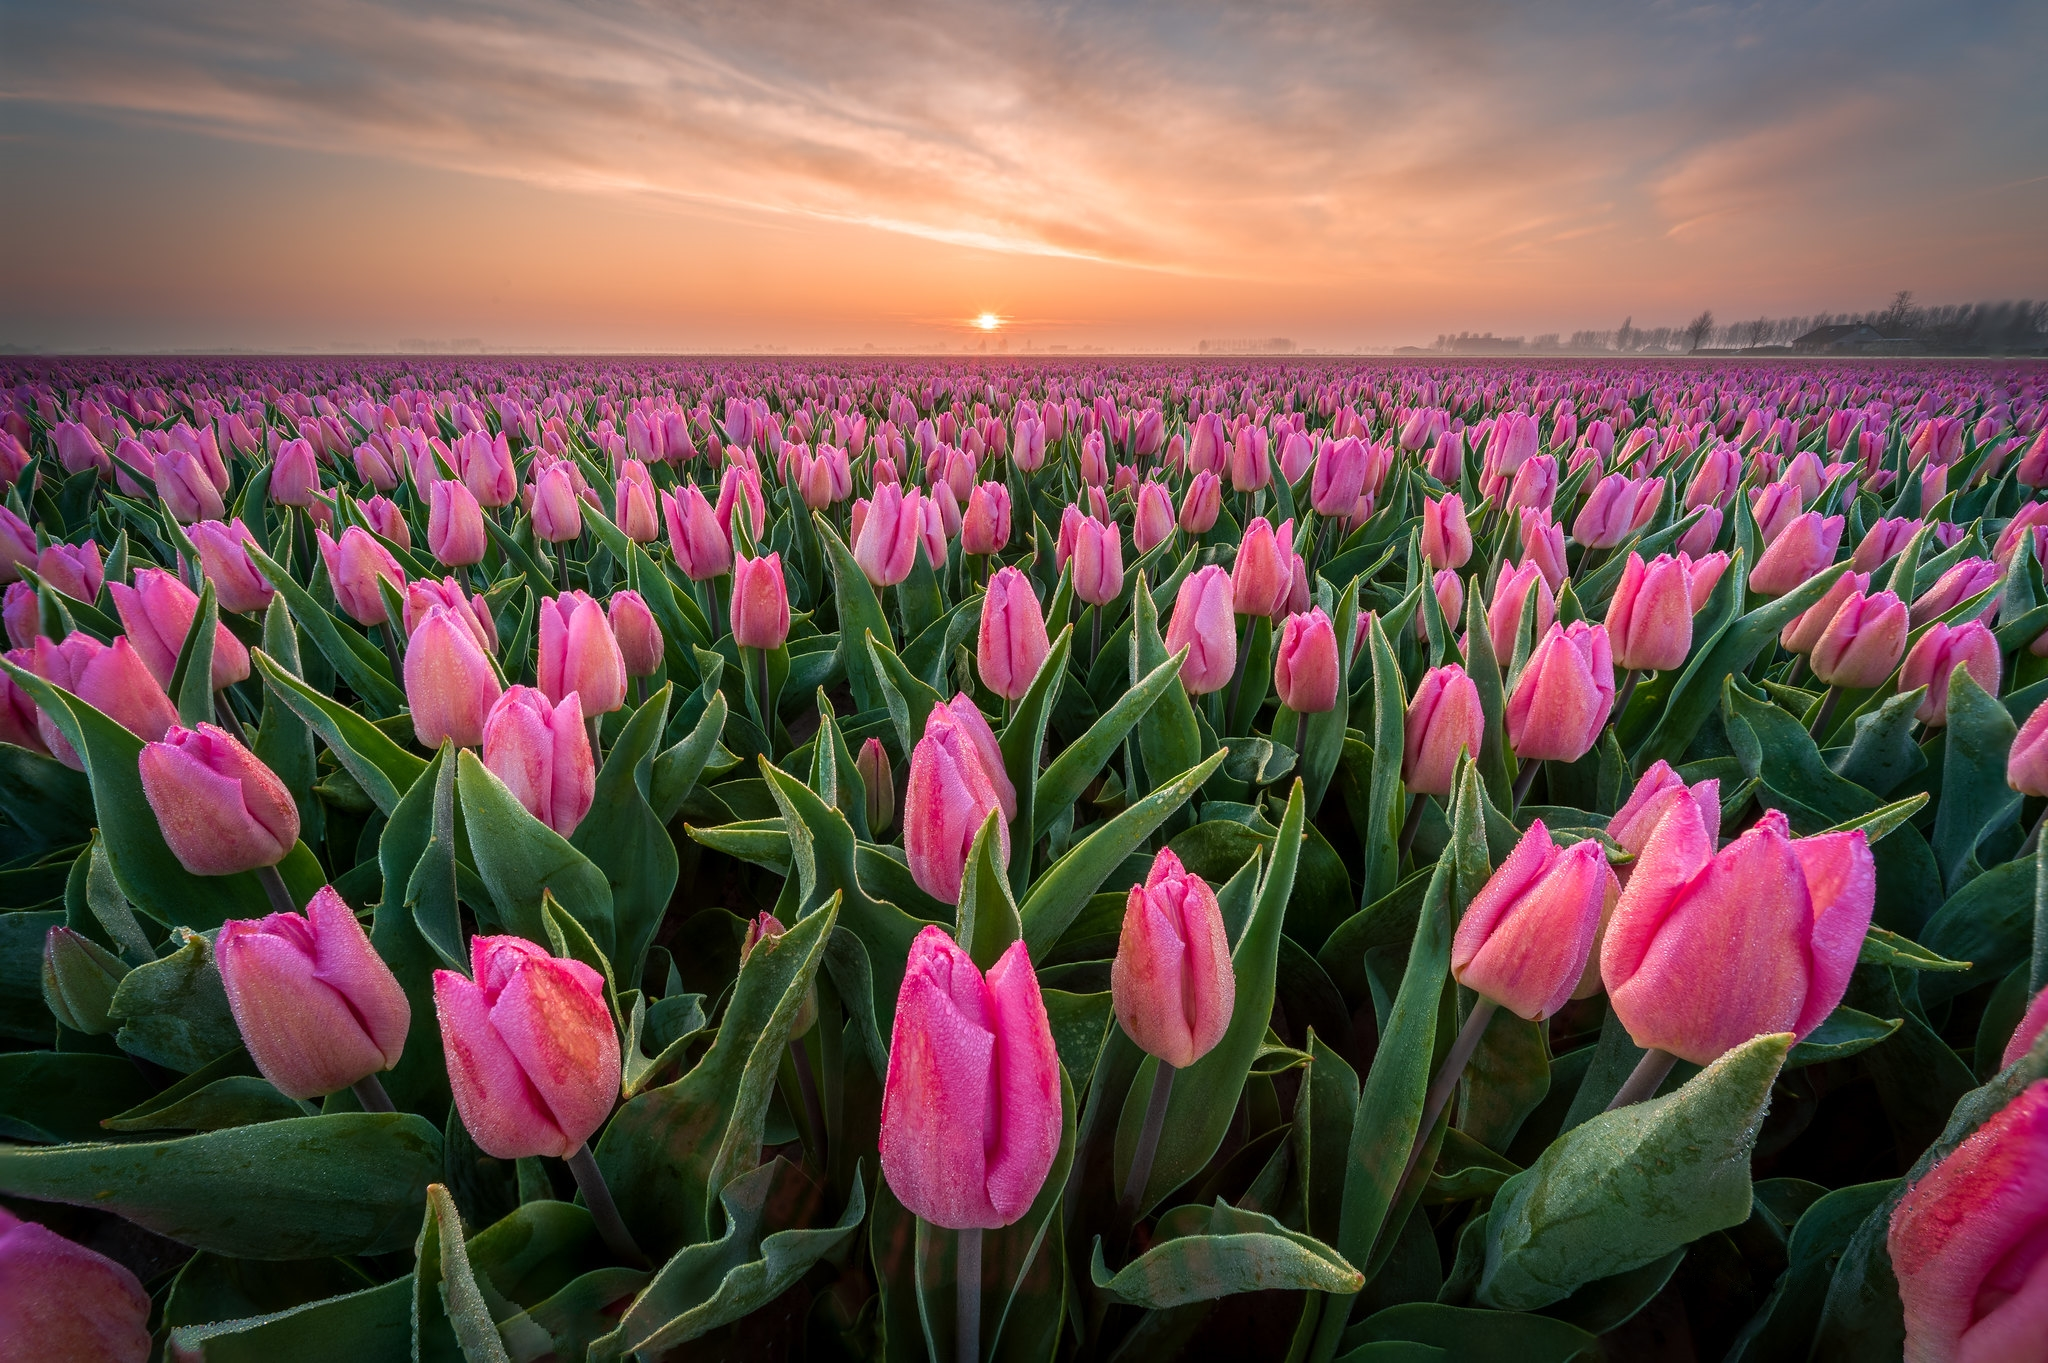 нас красивые фото тюльпанов большие месяцы жизни вставал